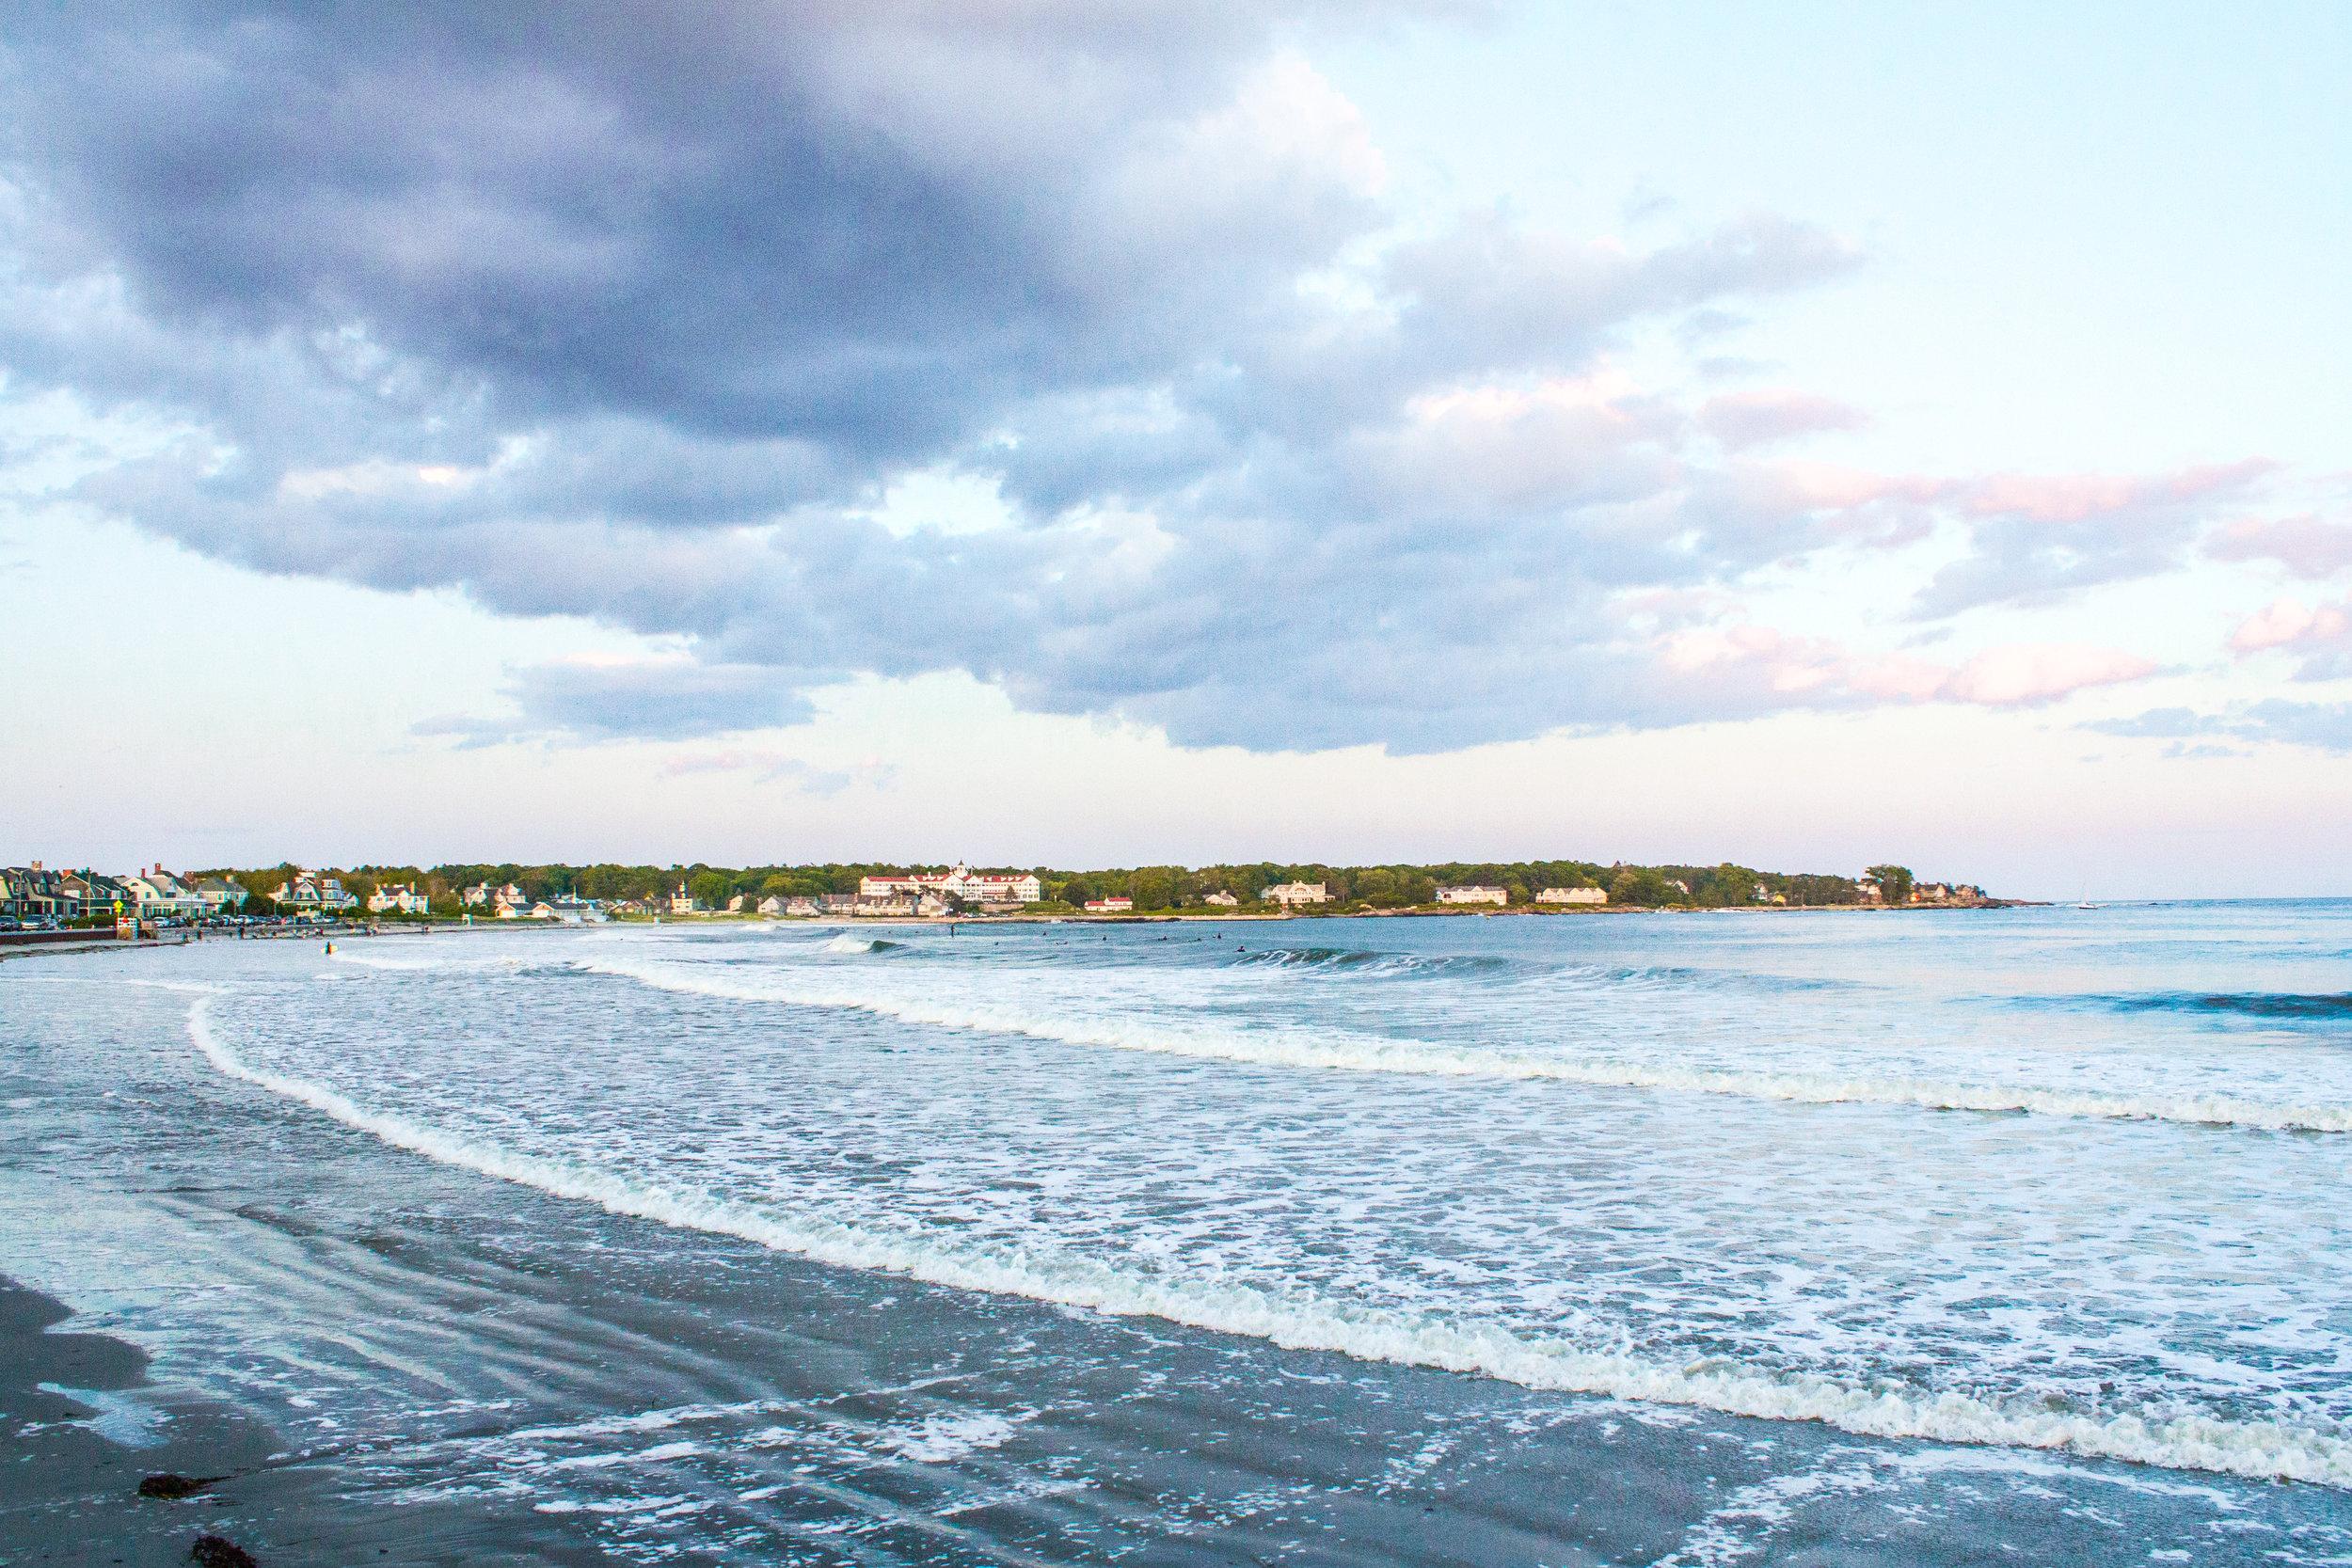 Gooch's Beach, Kennebunk, ME